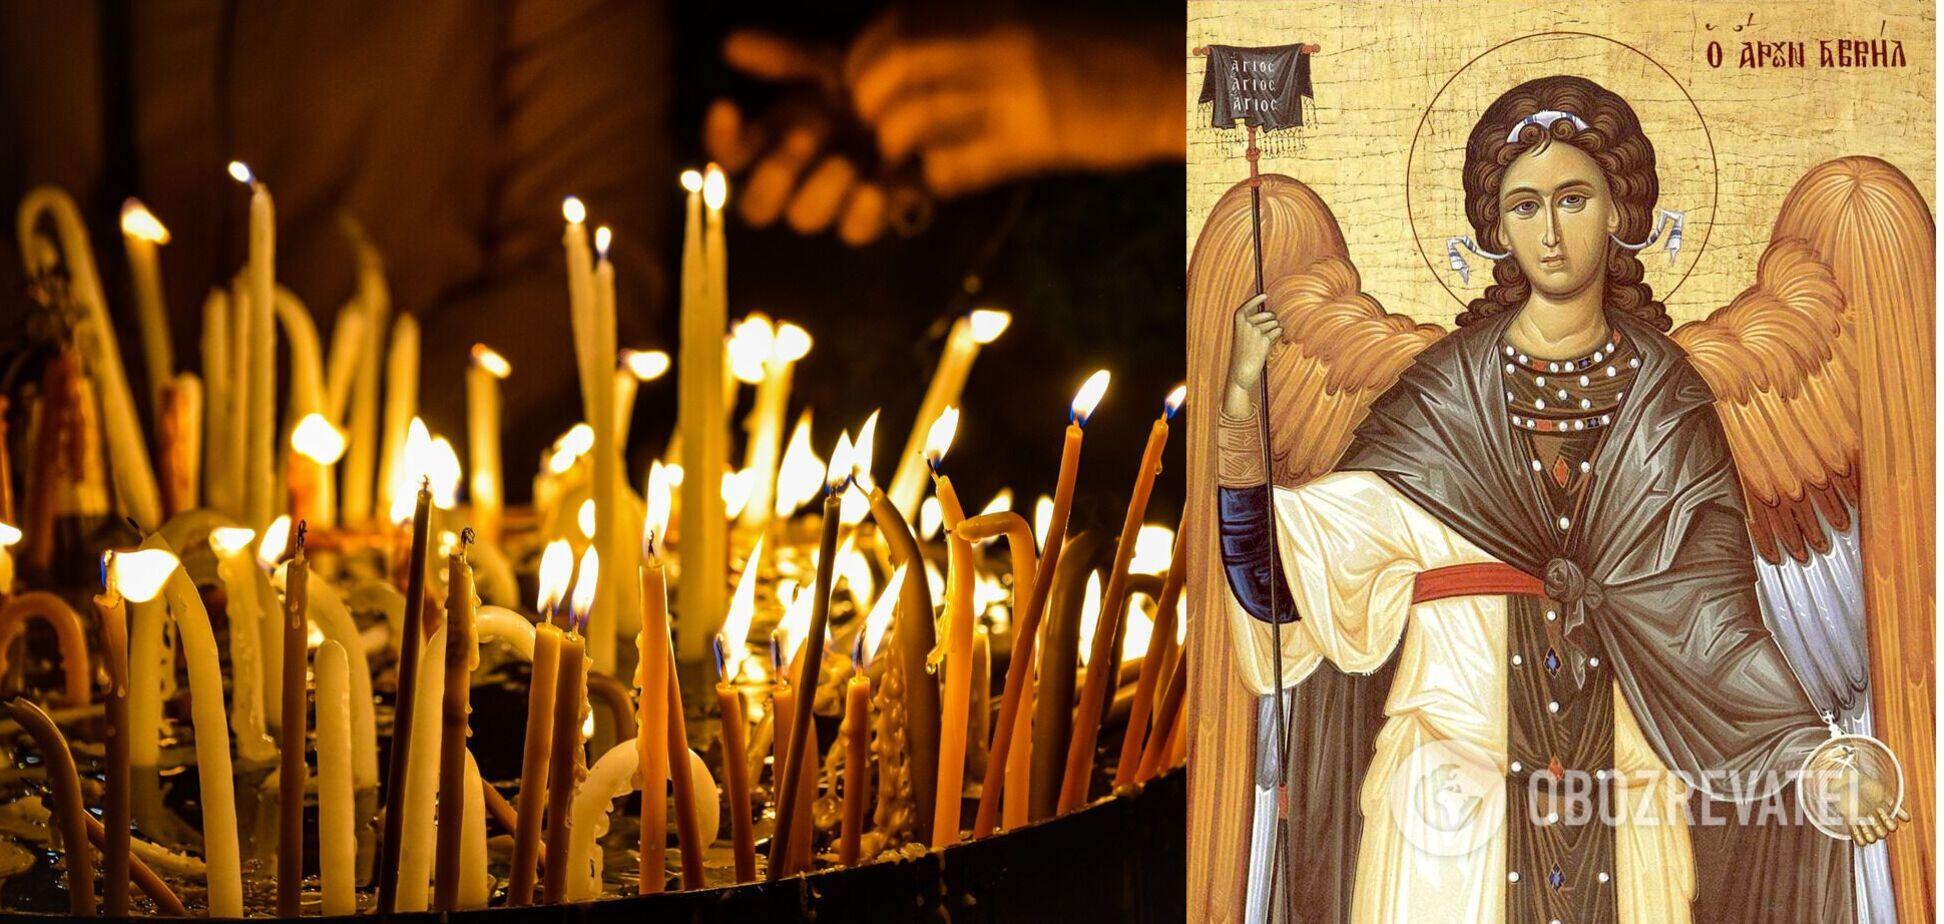 Собор Архангела Гавриила: как отмечается Благовест и что нельзя делать в праздник